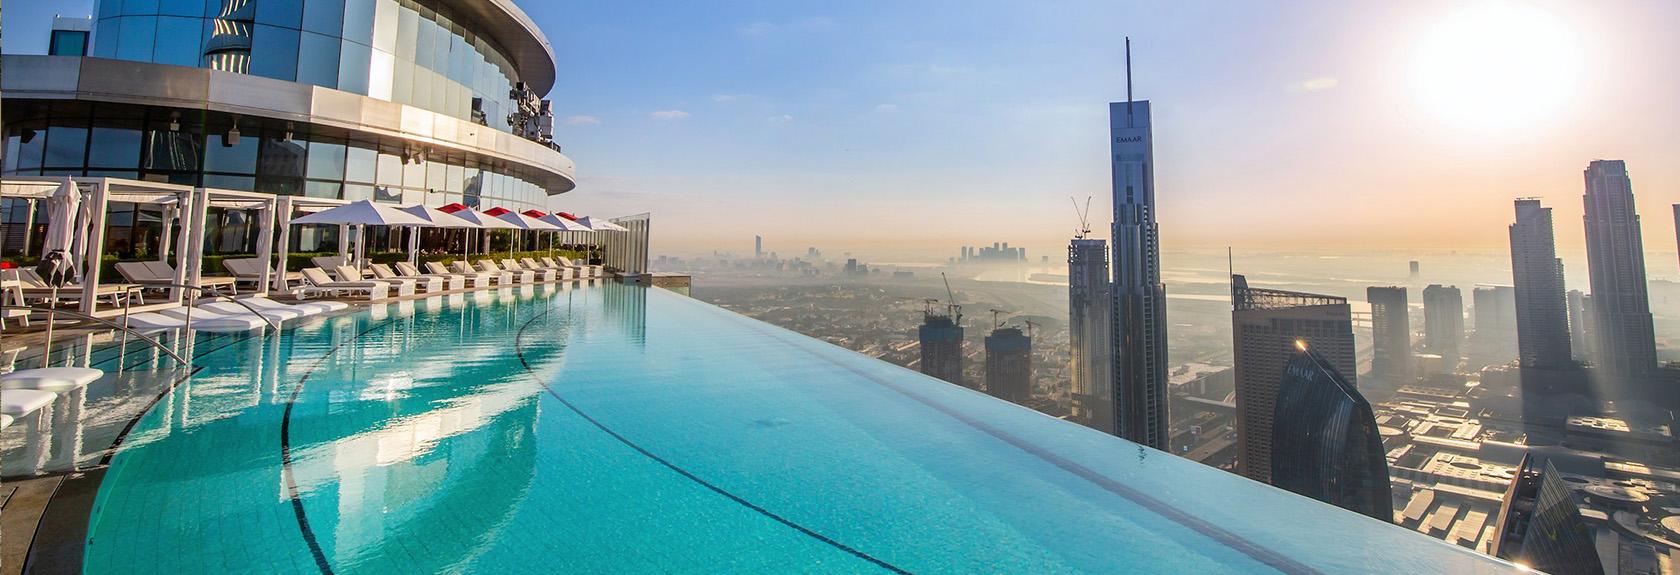 Cé La Vi Dubai – Skybar and restaurant